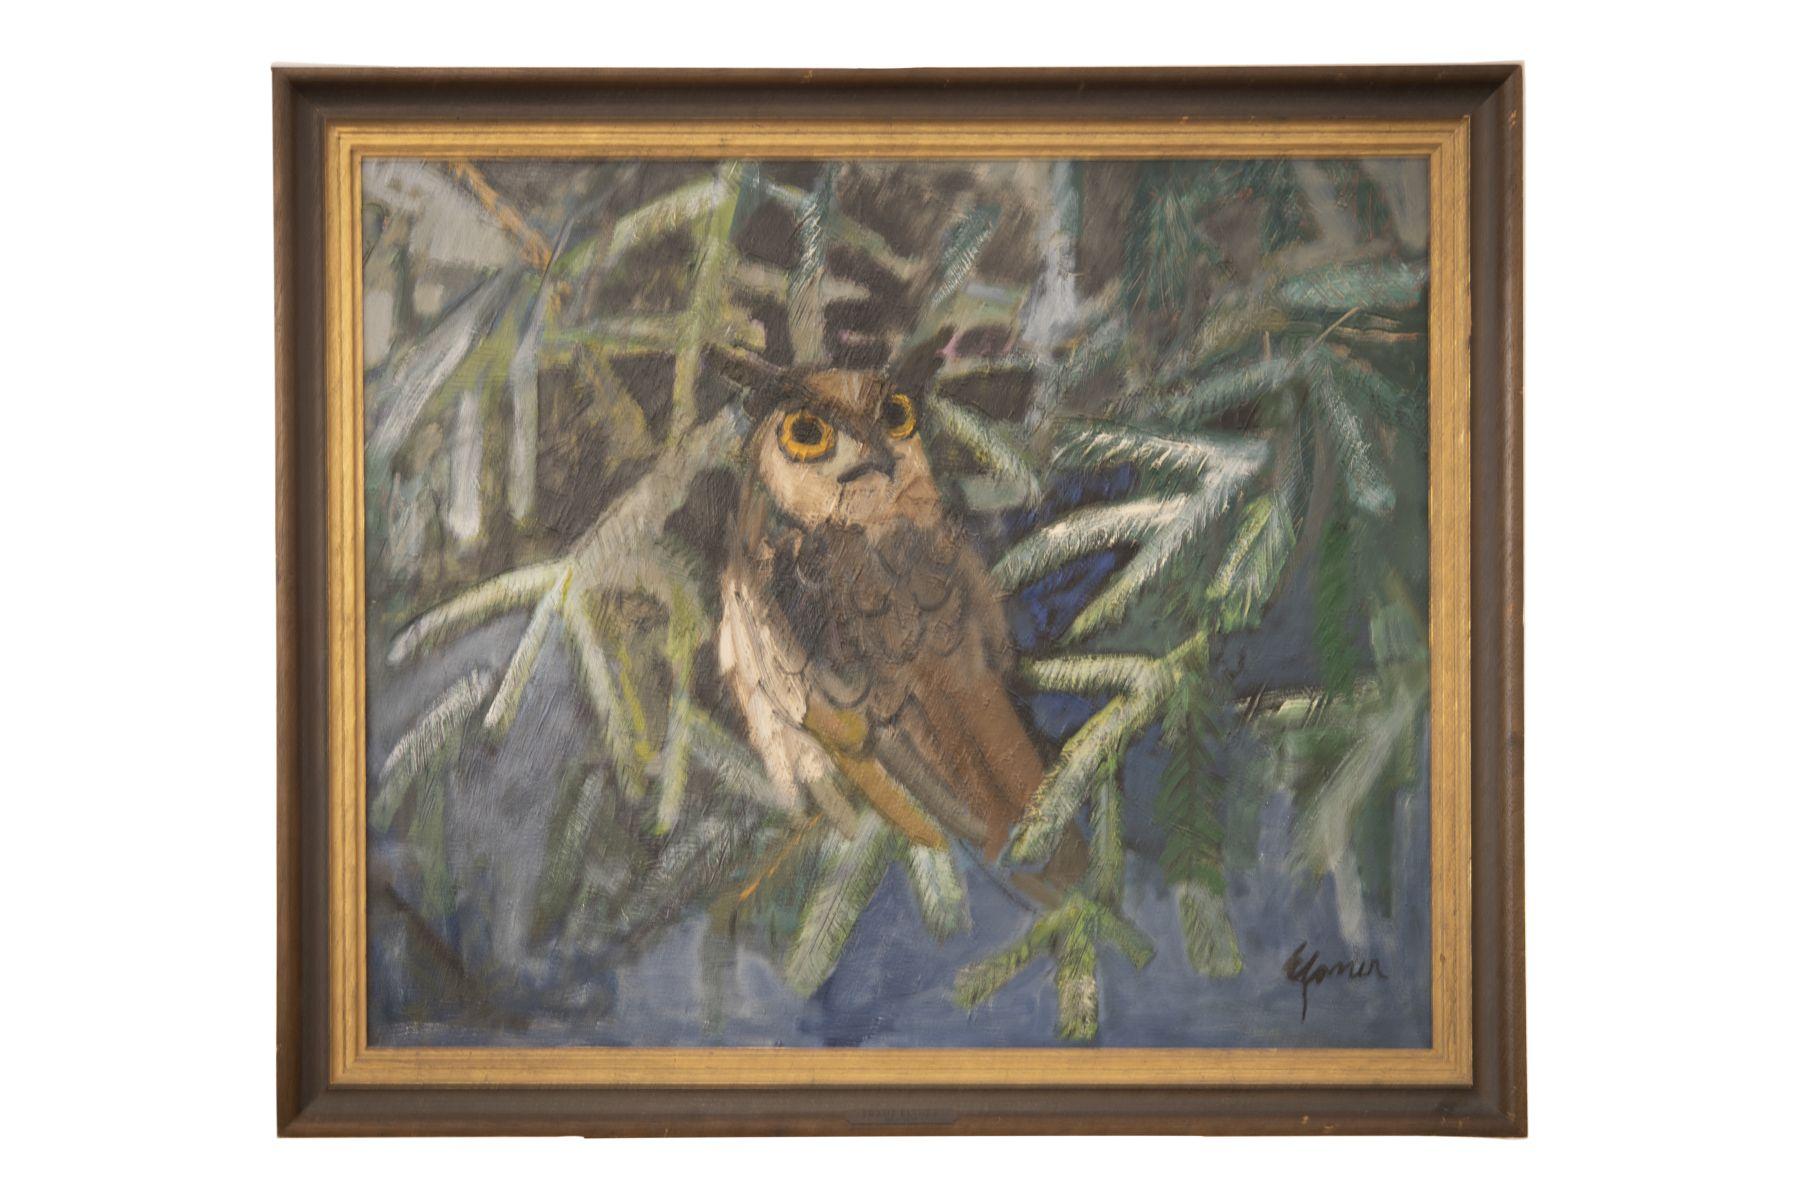 #157 Franz Elsner (1898-1977), Owl in Spruce Branches | Franz Elsner, Eule im Fichtengeäst Image